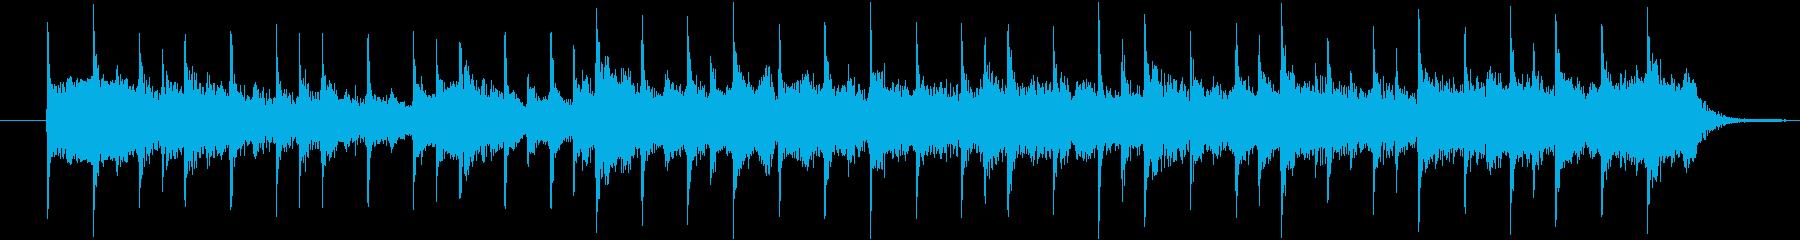 ミステリーbgmの再生済みの波形